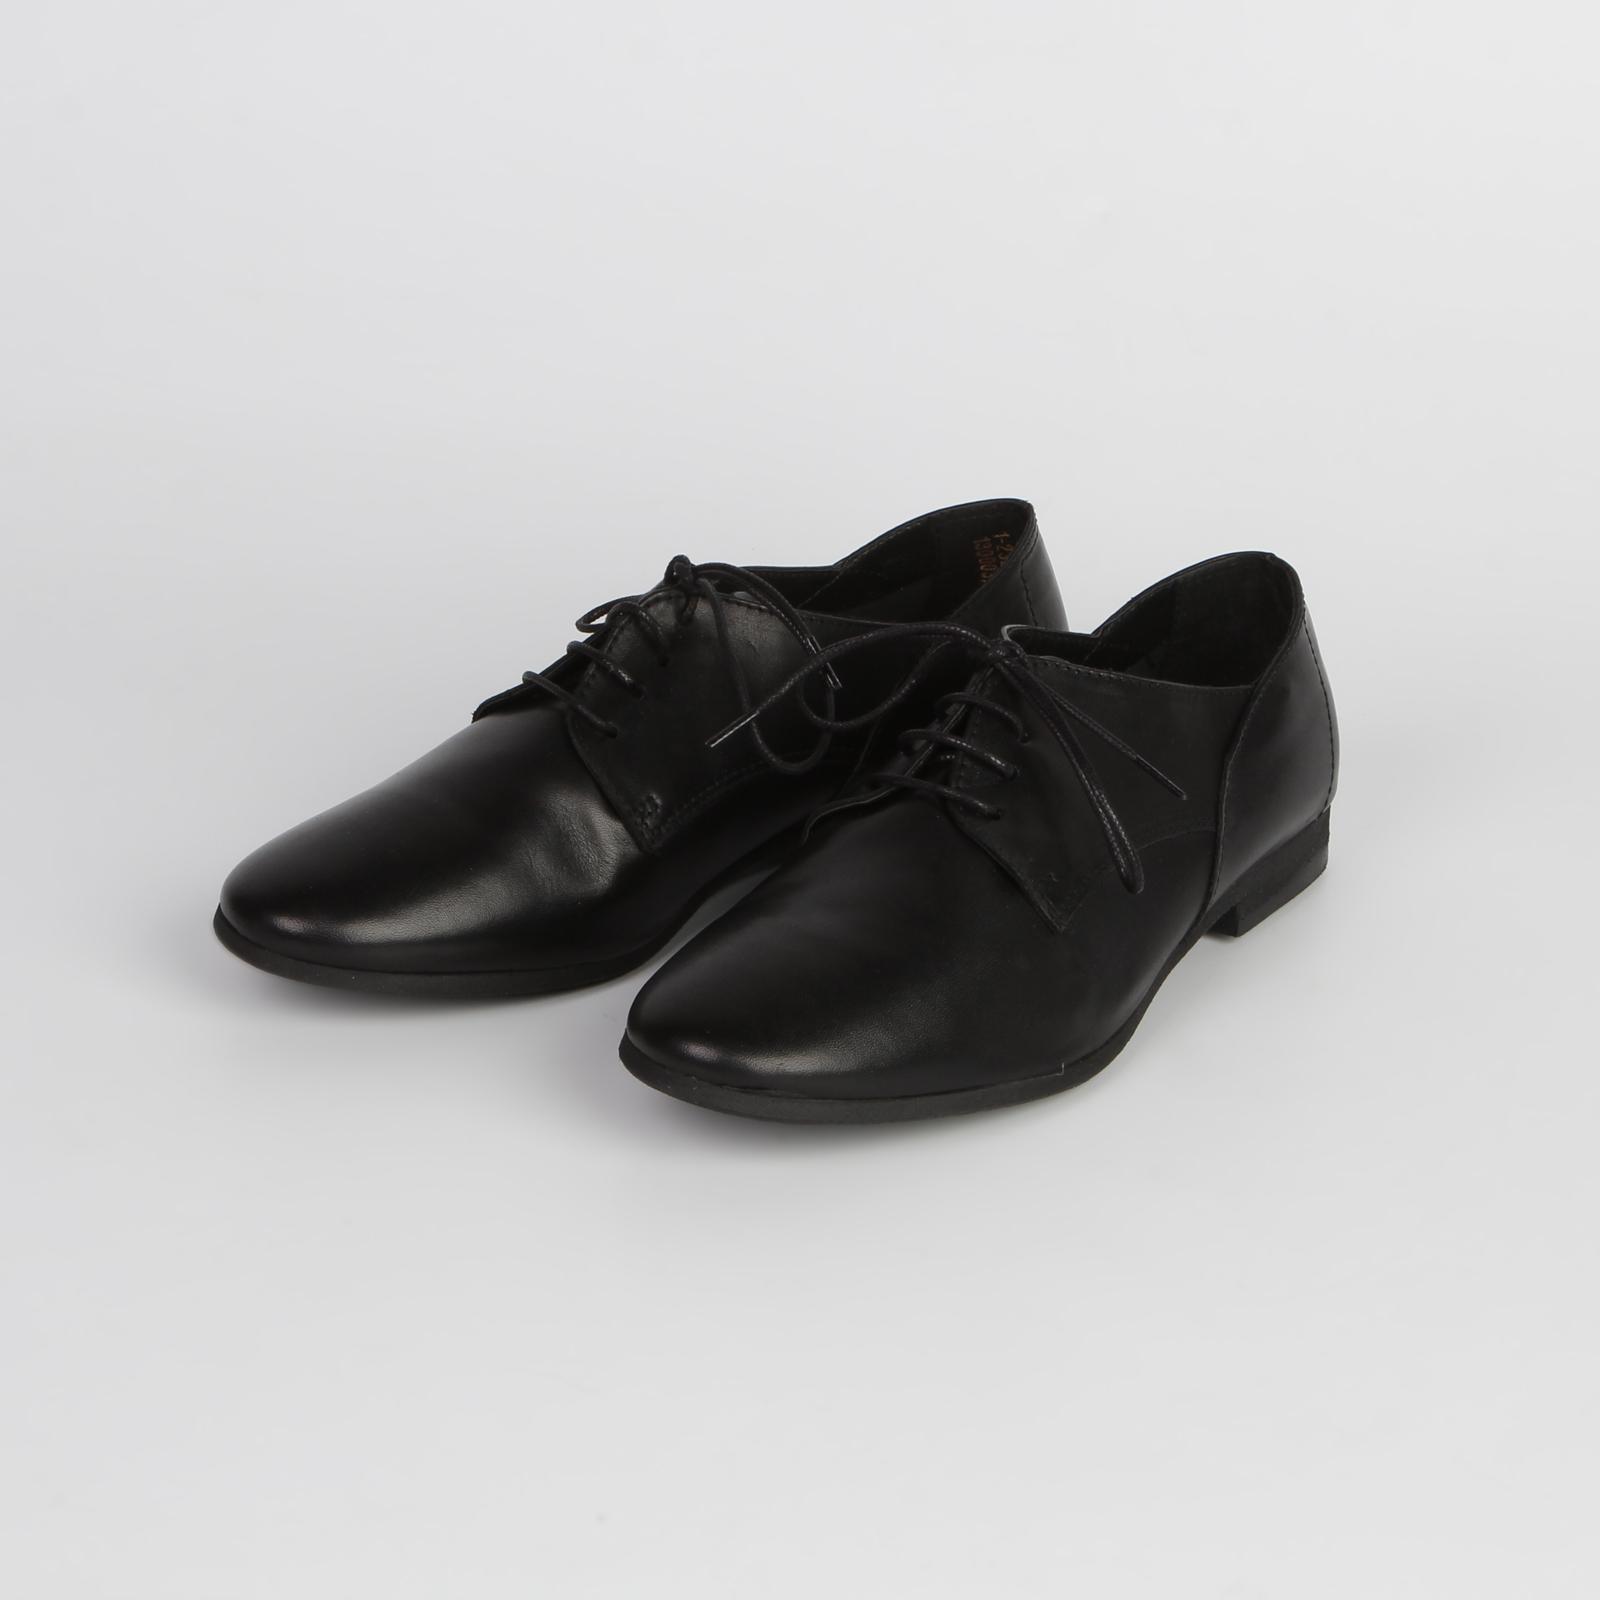 Женские ботинки из натуральной кожи с функциональной шнуровкой